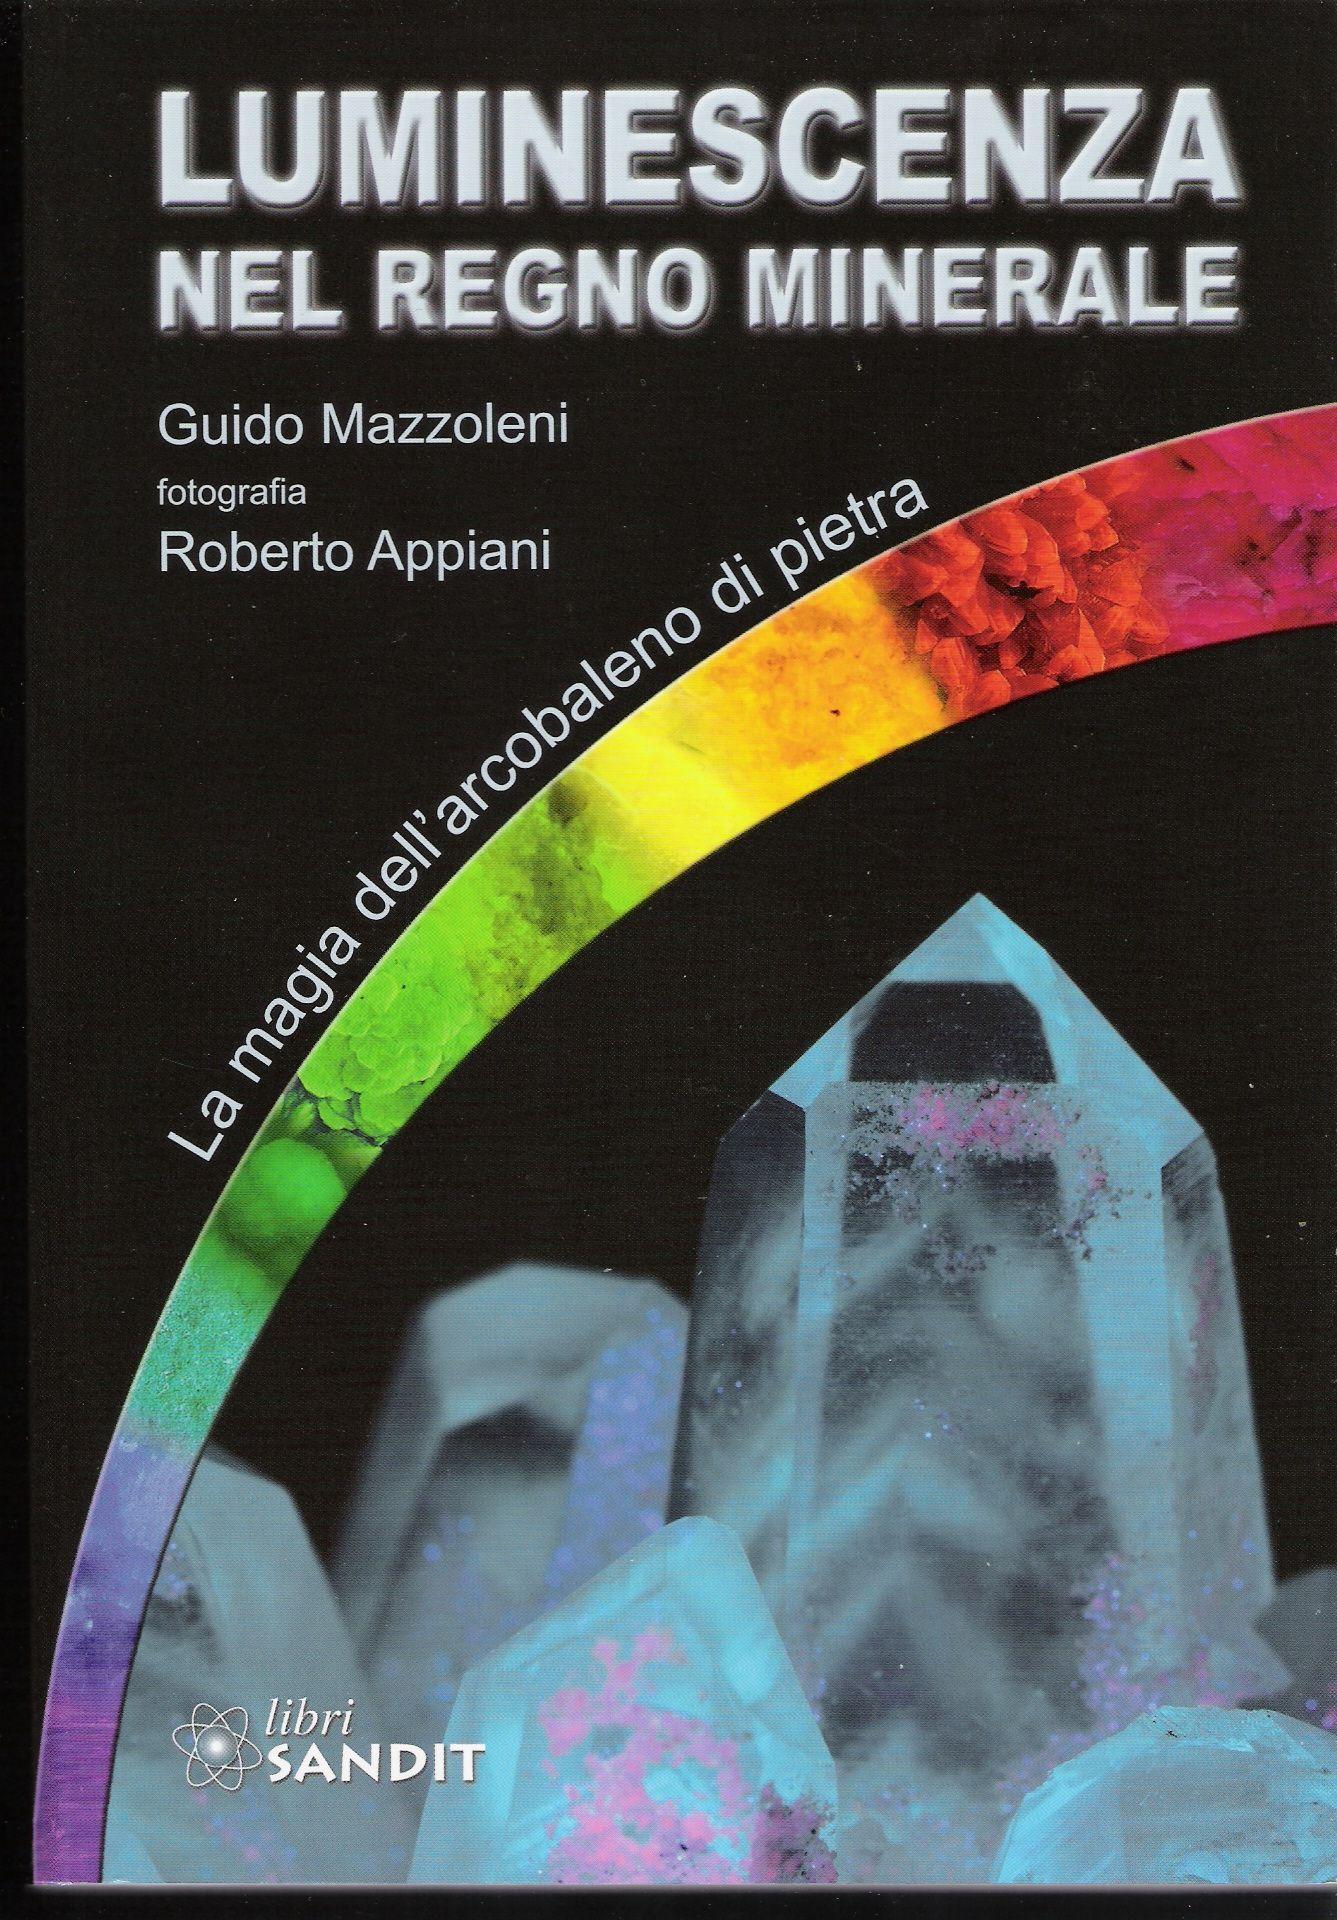 Luminescenza nel regno minerale